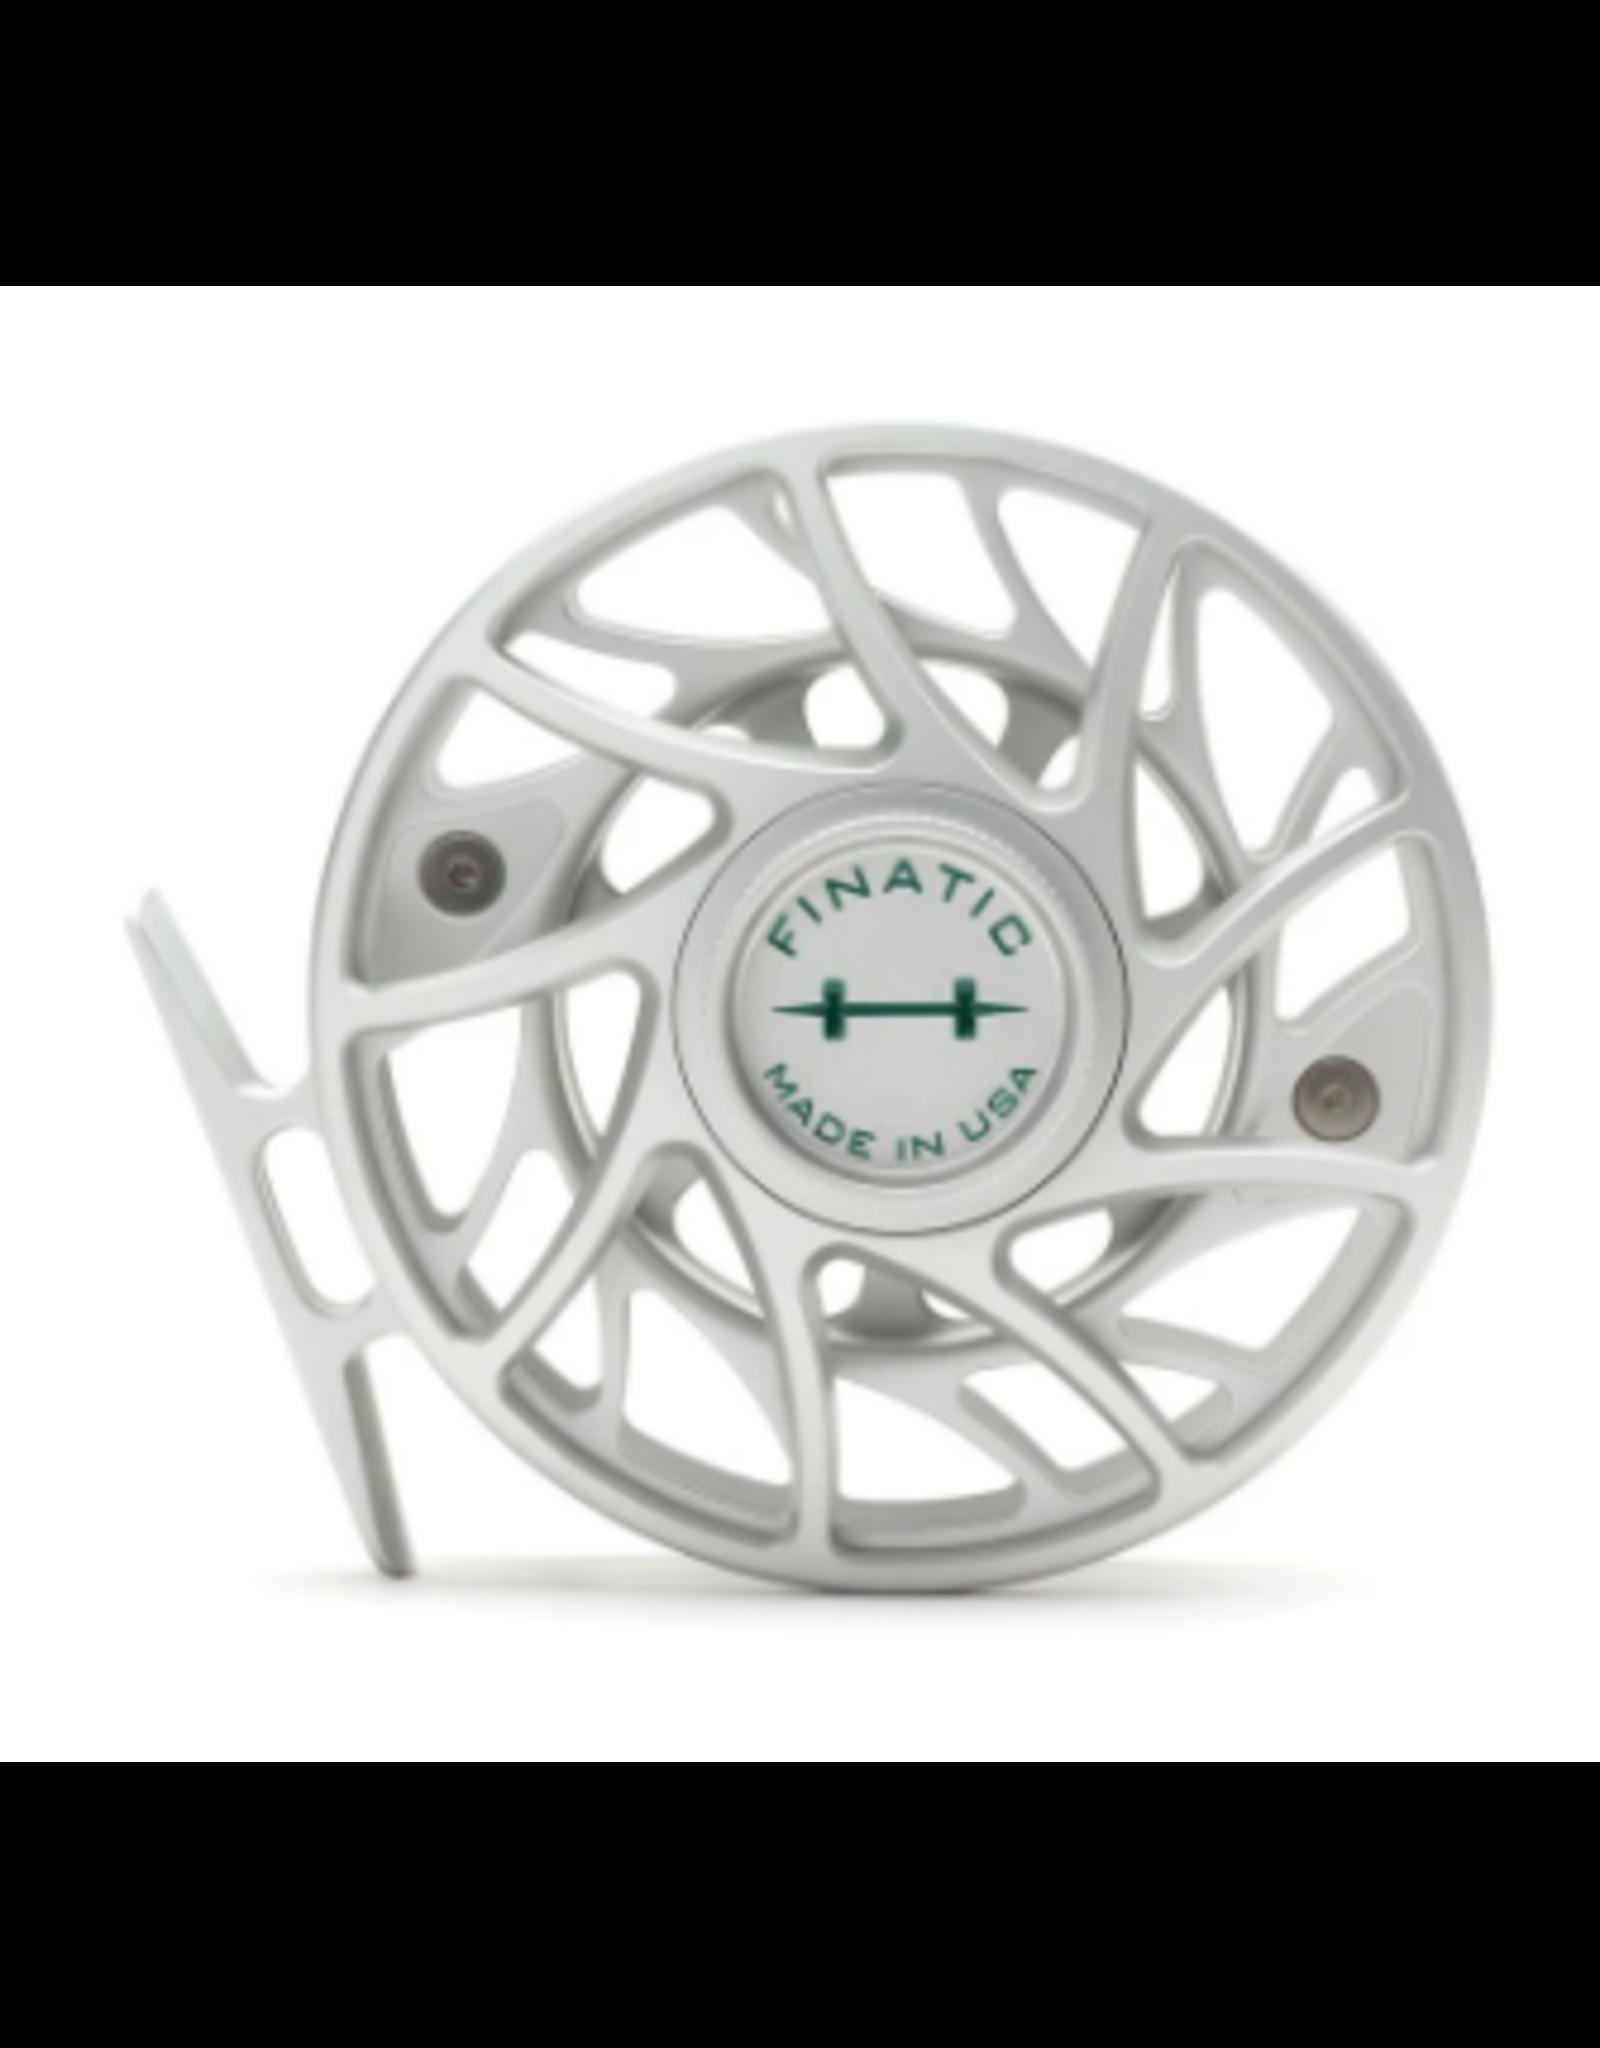 Hatch Hatch Finatic 5 Plus Gen 2 (Clear/Green)